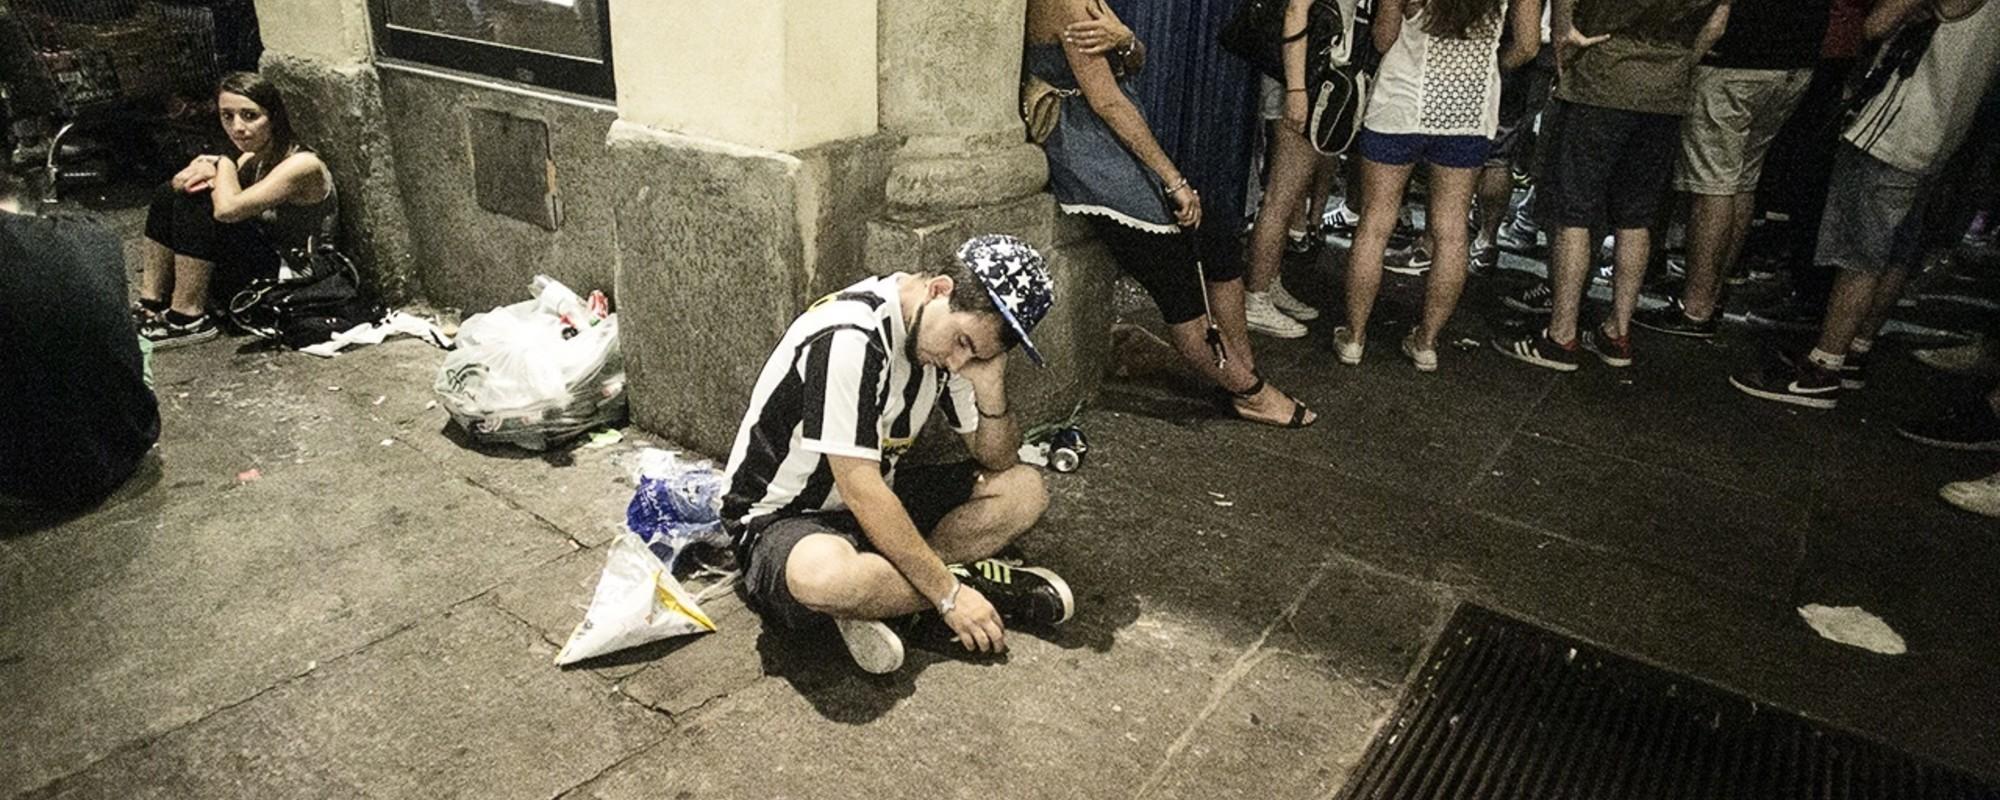 Foto di juventini a Torino prima e dopo la finale di Champions